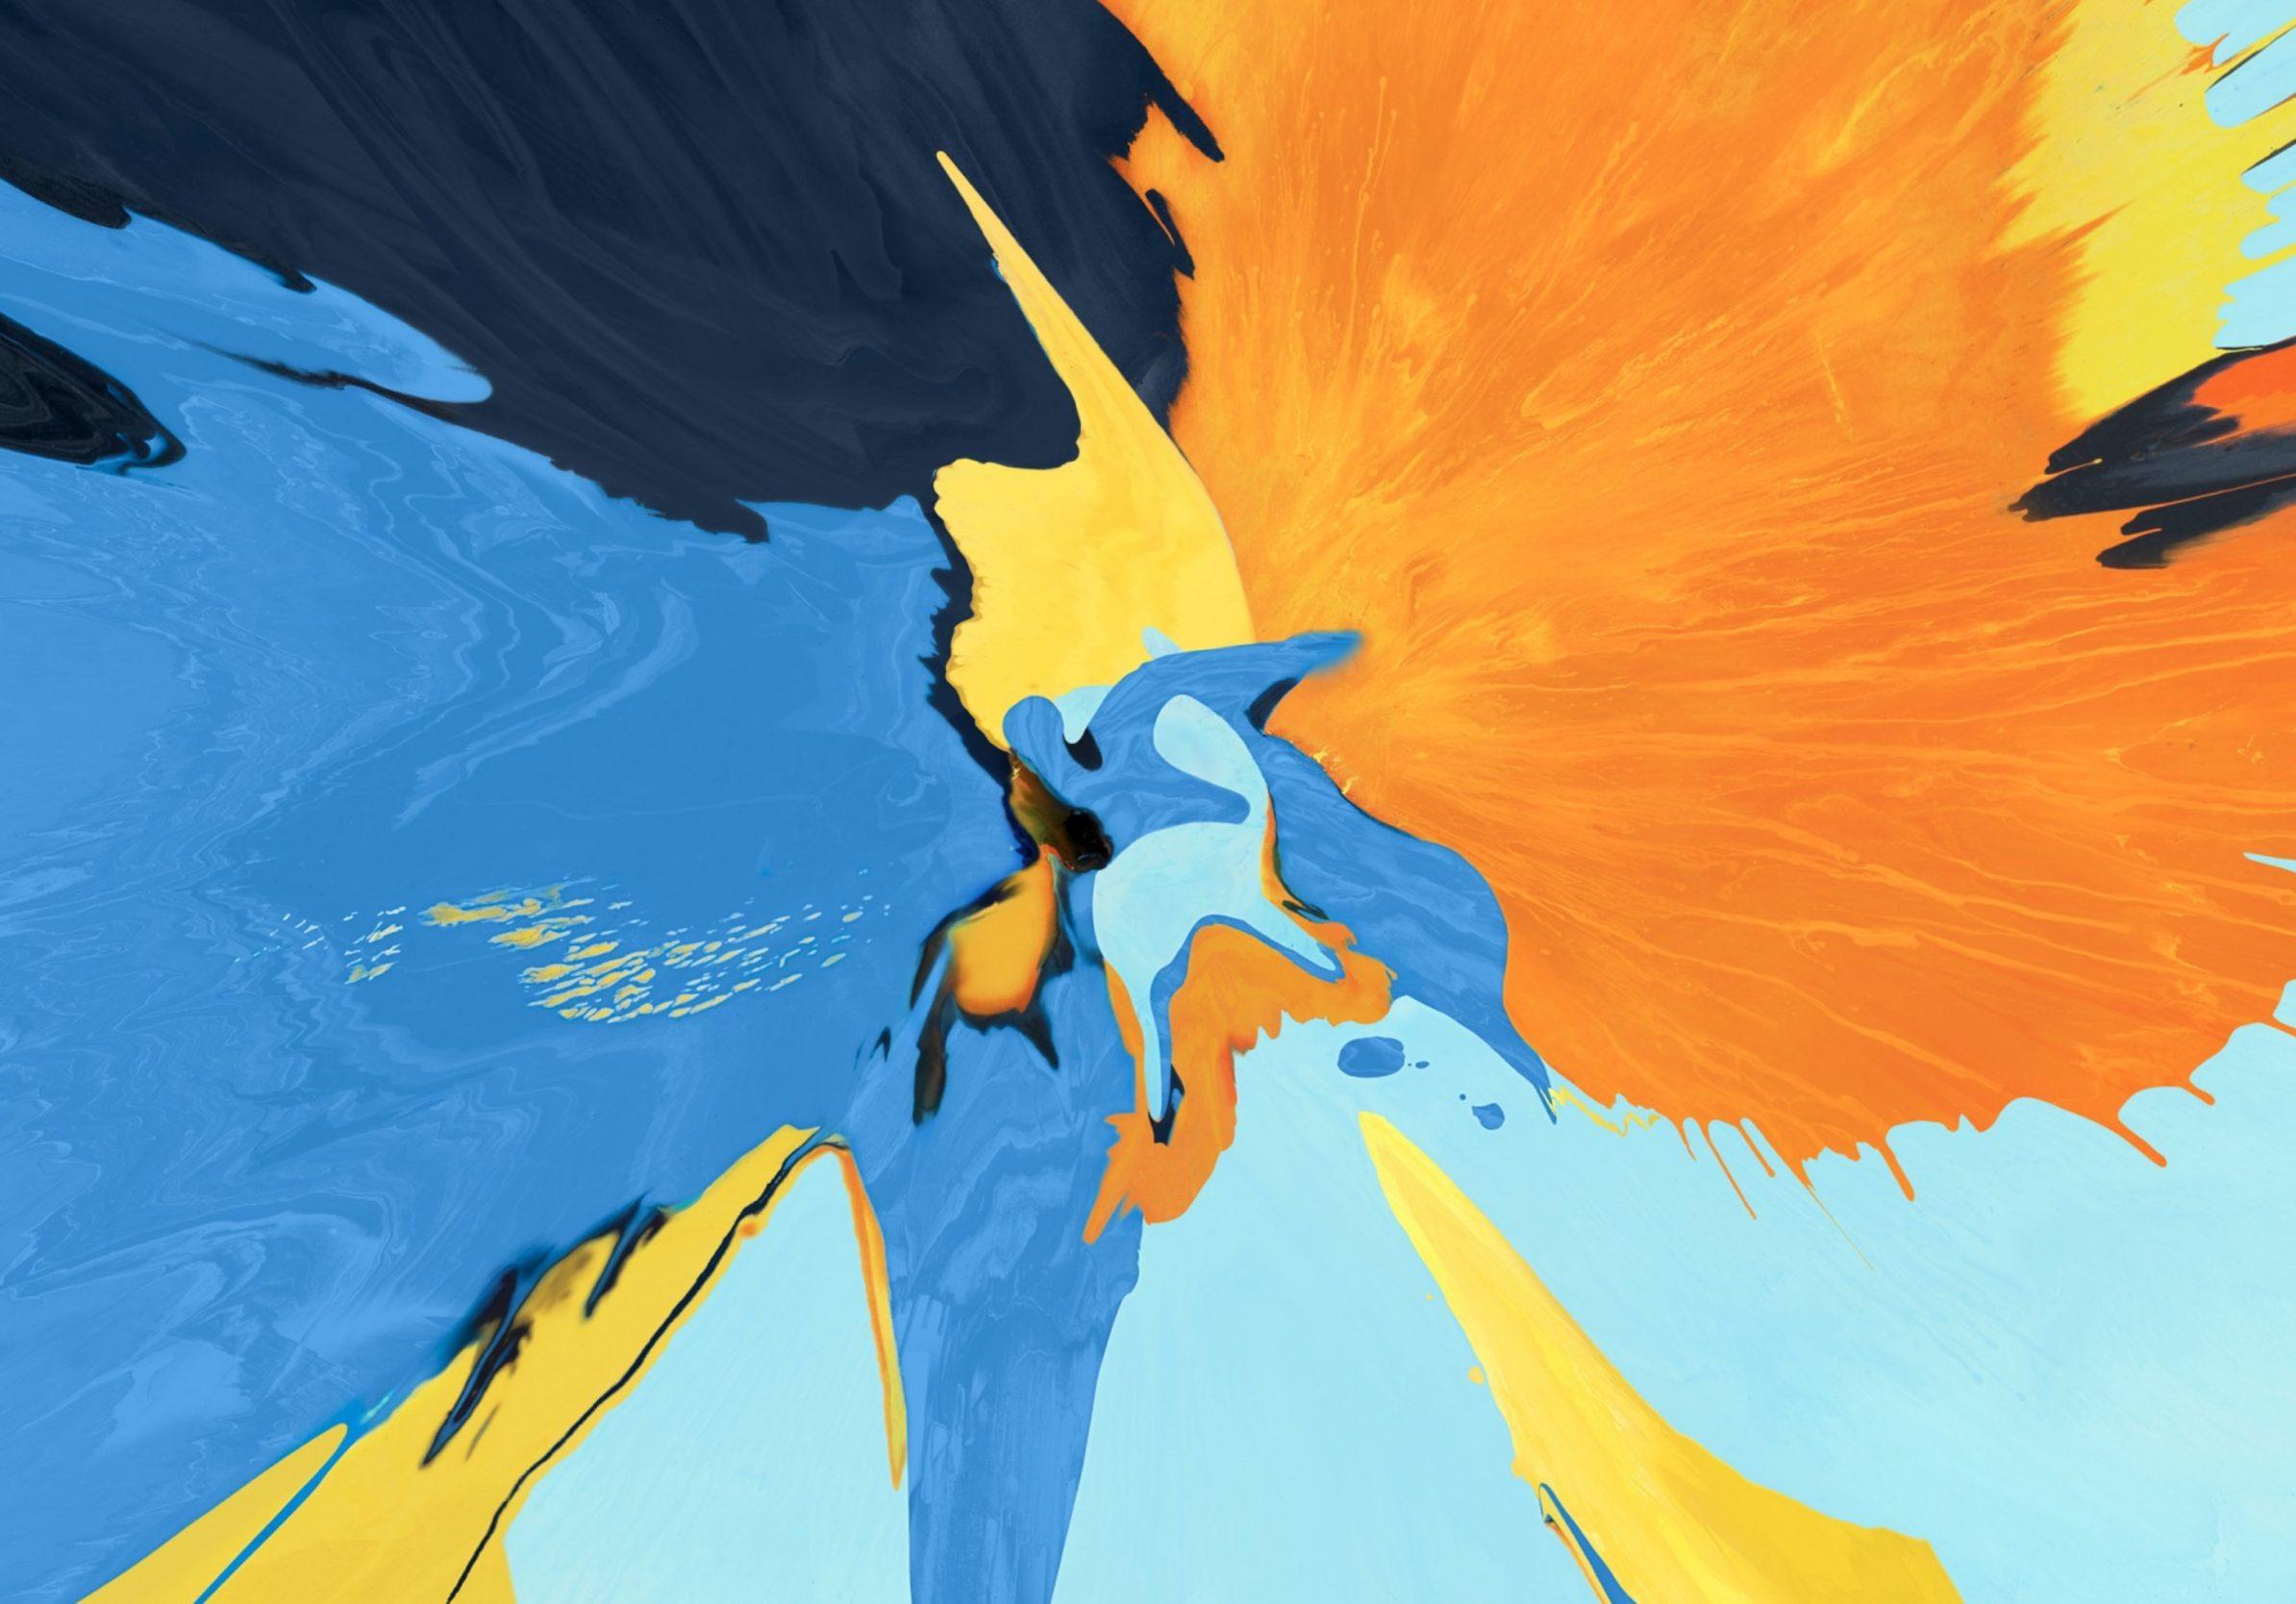 2388x1668 iPad Pro wallpapers Splash Blue Yellow Black Ipad Wallpaper 2388x1668 pixels resolution